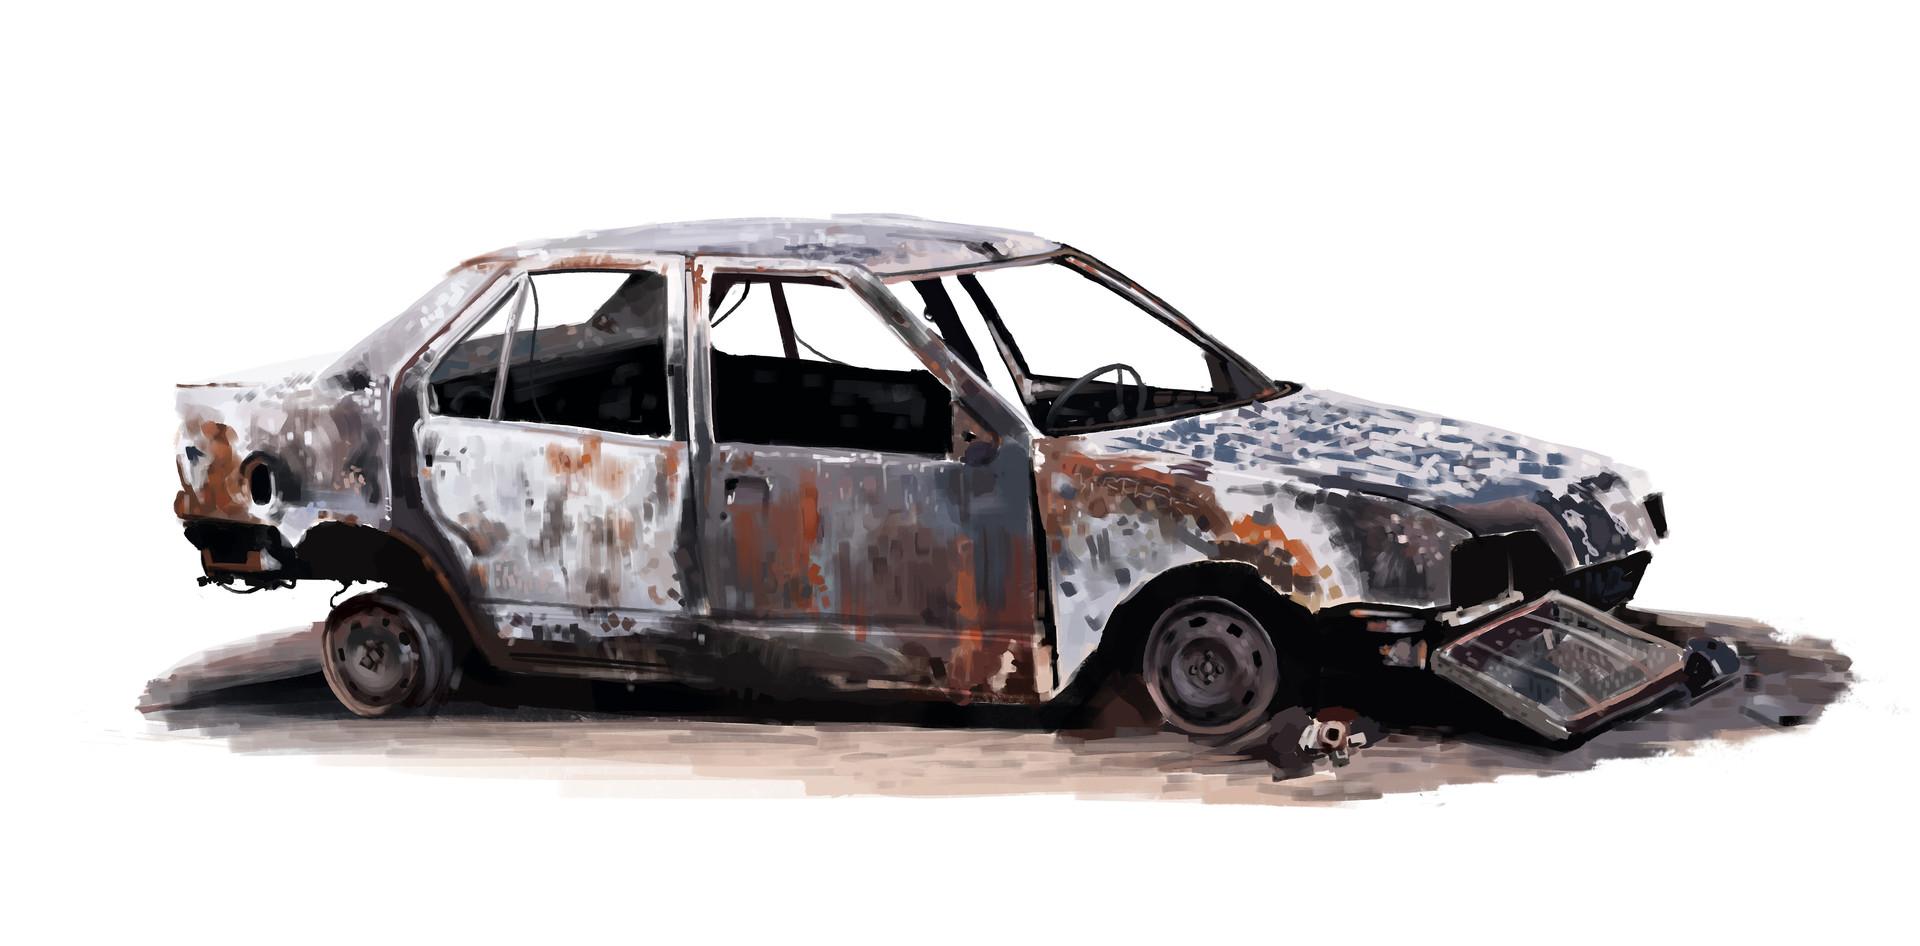 Niklas Simon - wrecked car studies